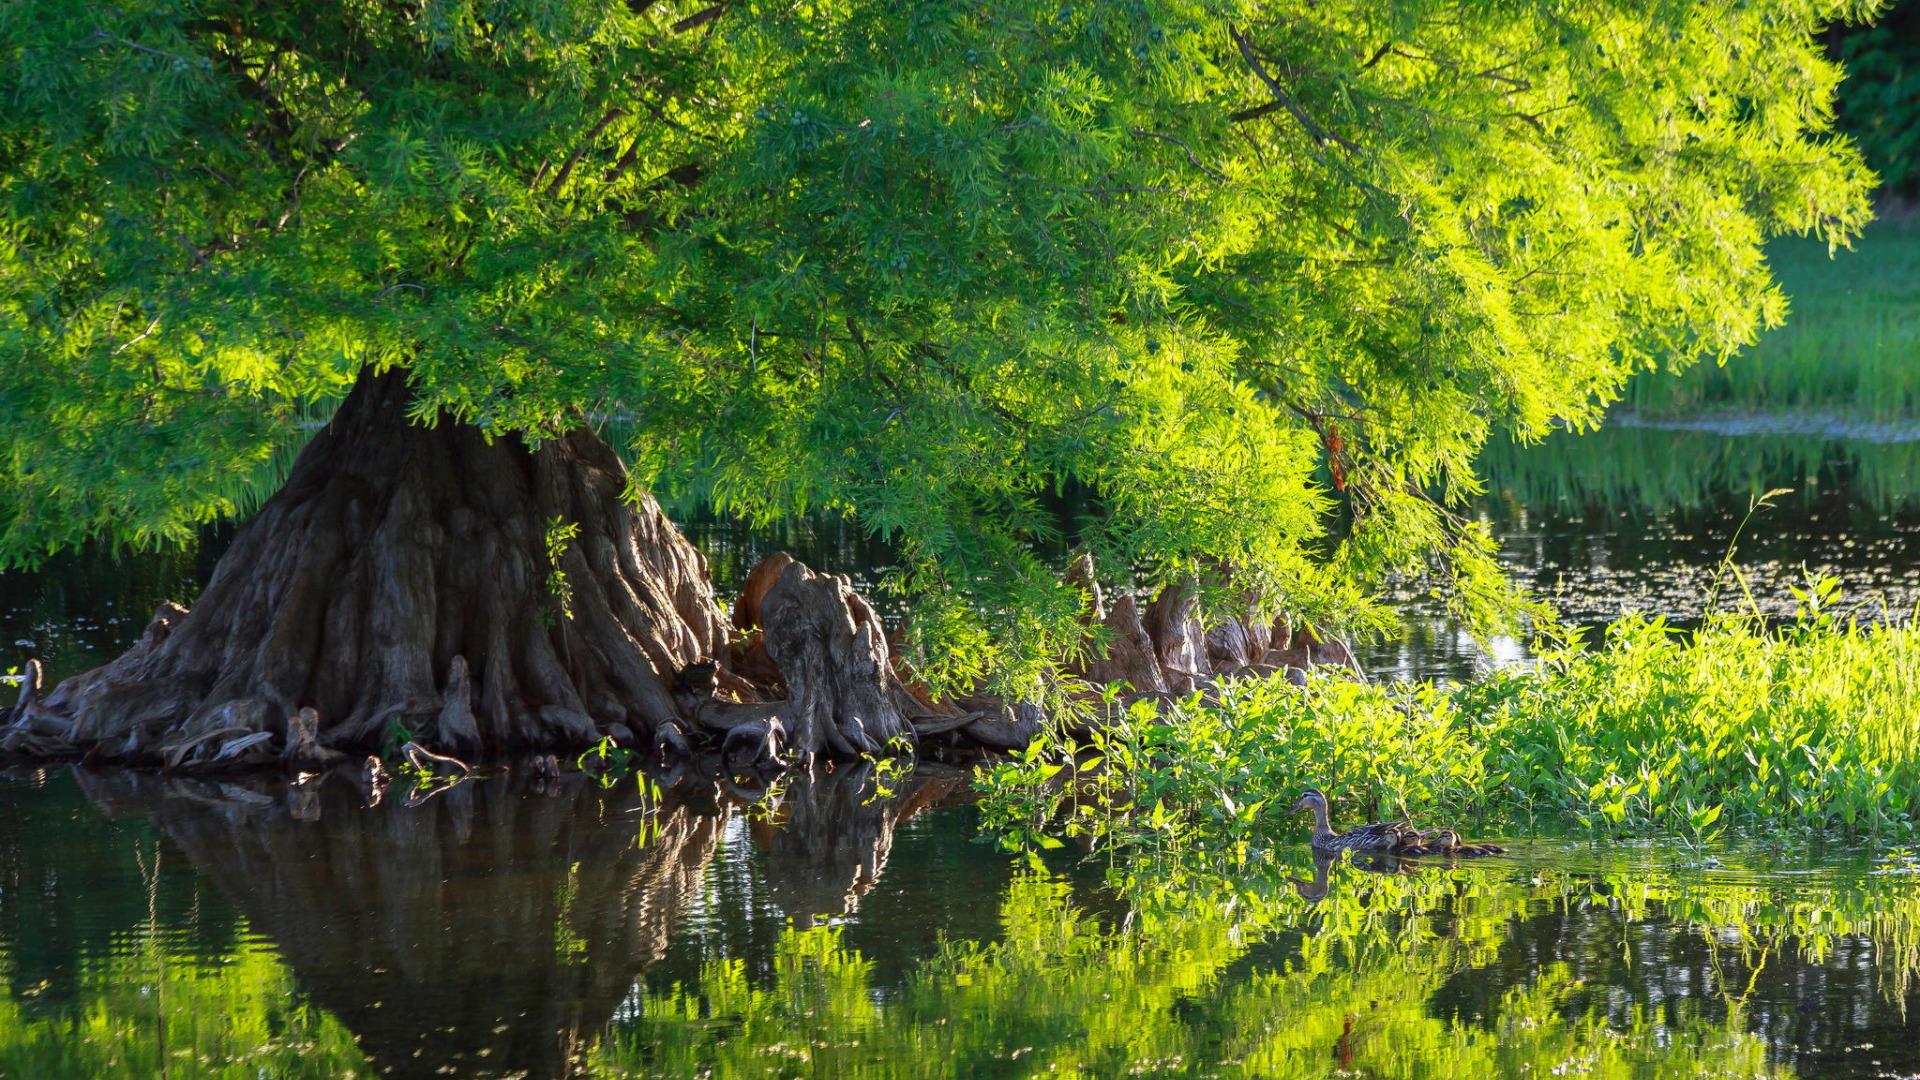 фото деревьев у пруда карандашом навес стиле